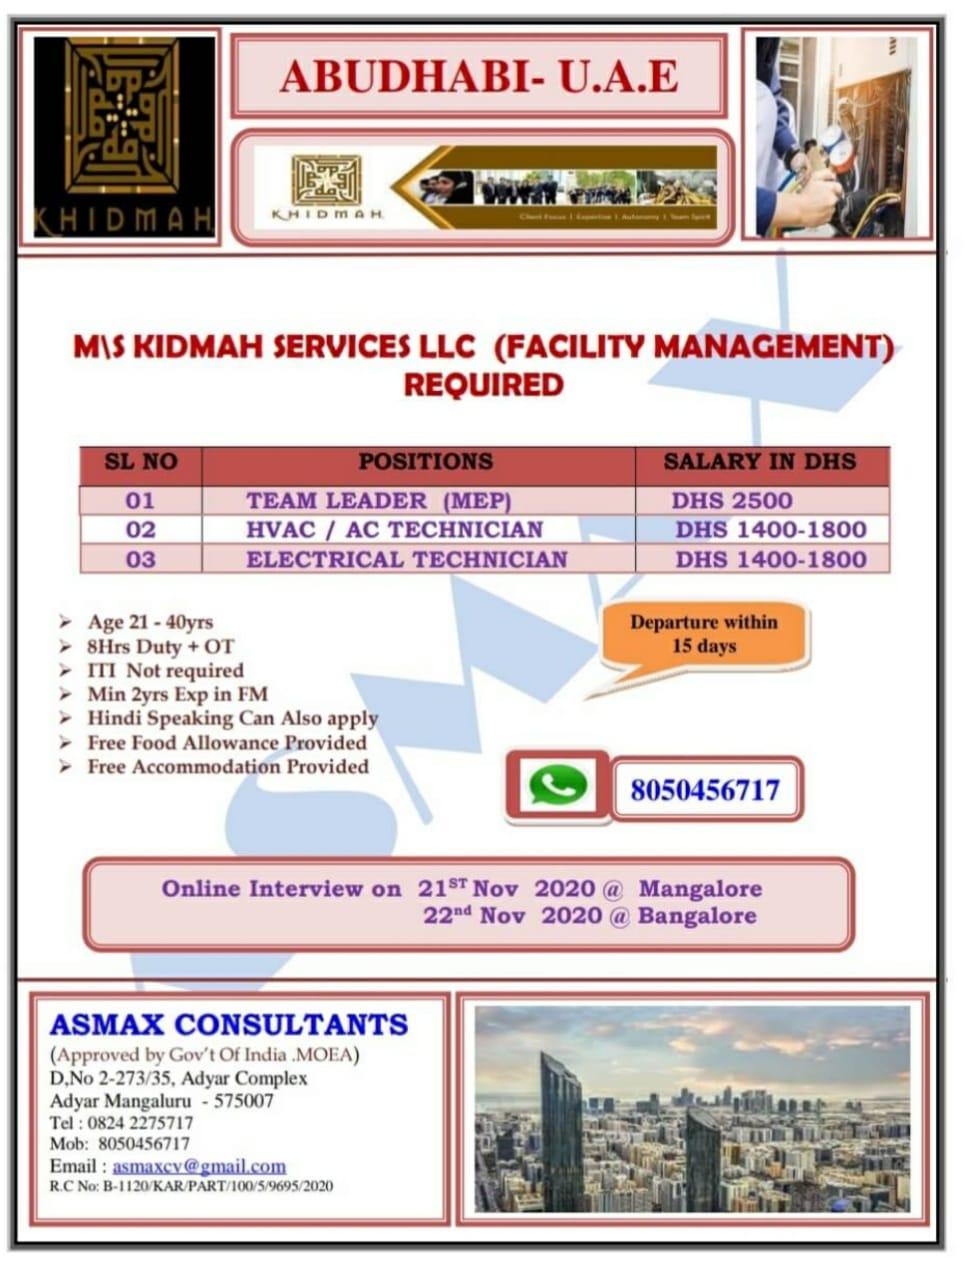 M/S KIDMAH SERVICES(FACILITY MANAGEMENT)-ABUDHABI